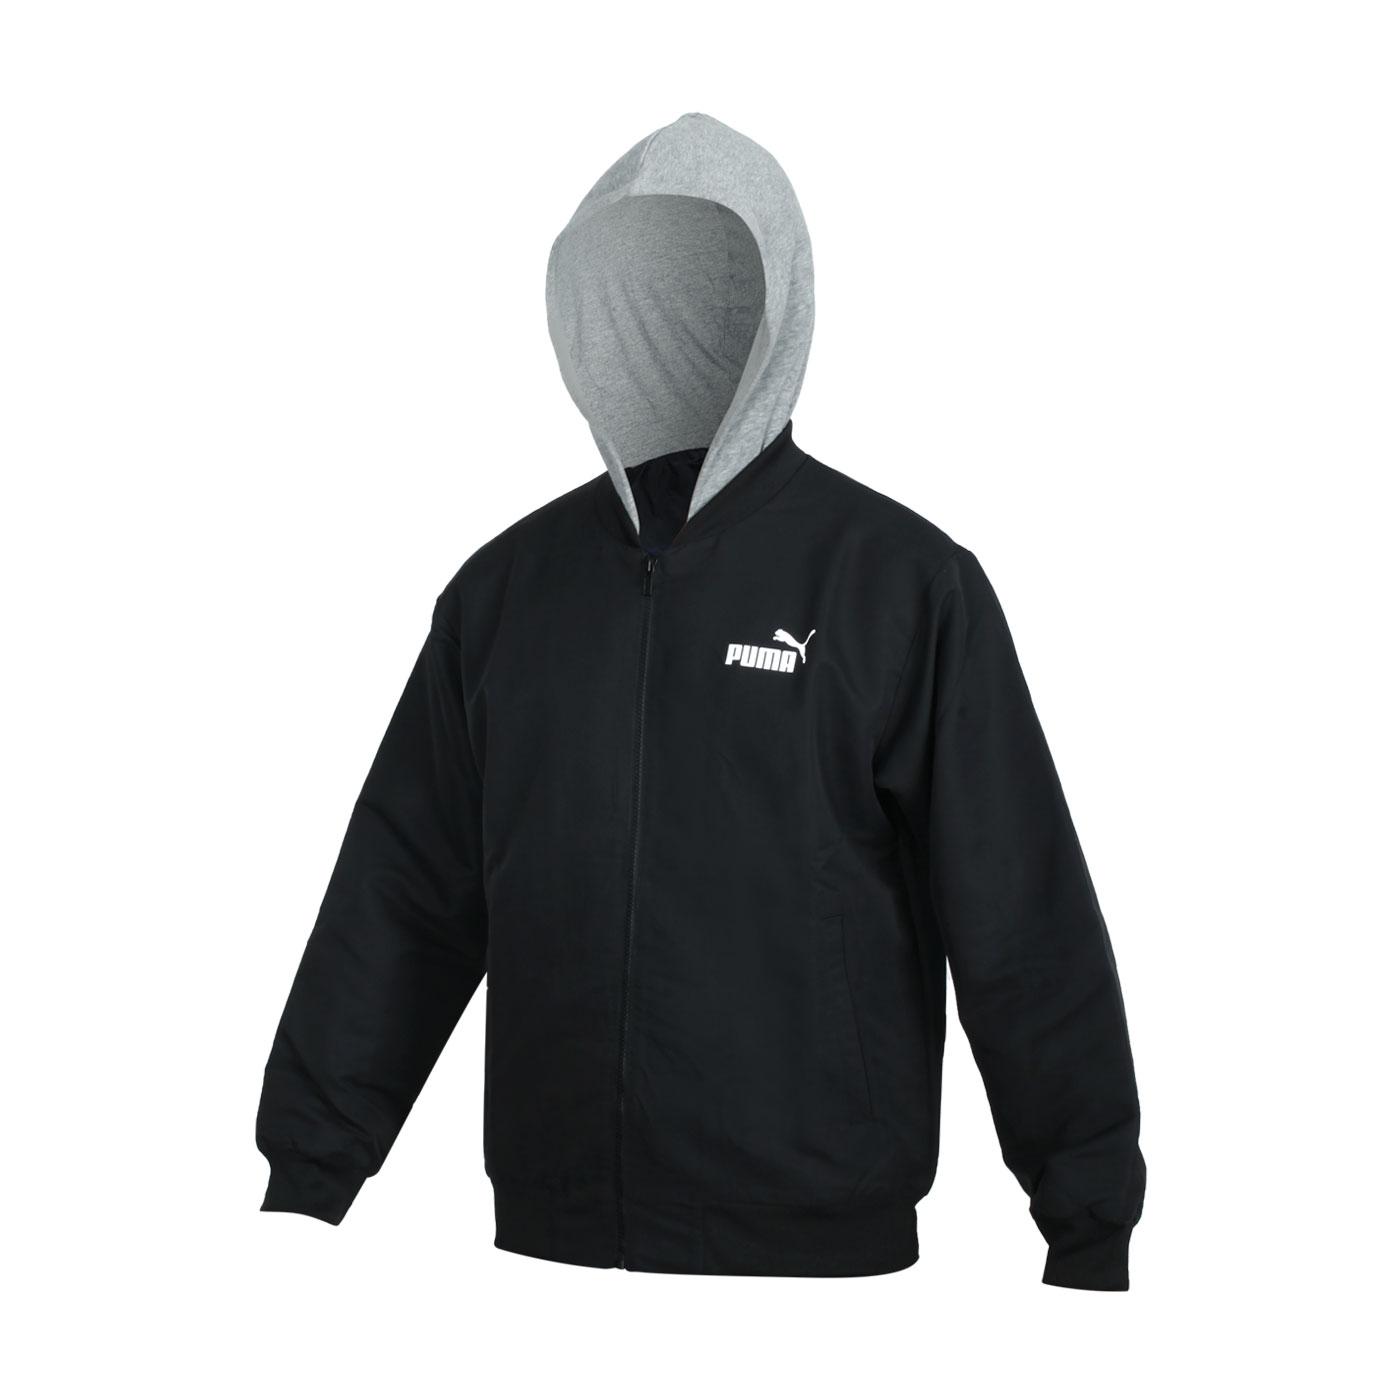 PUMA 男款基本系列連帽外套 58715301